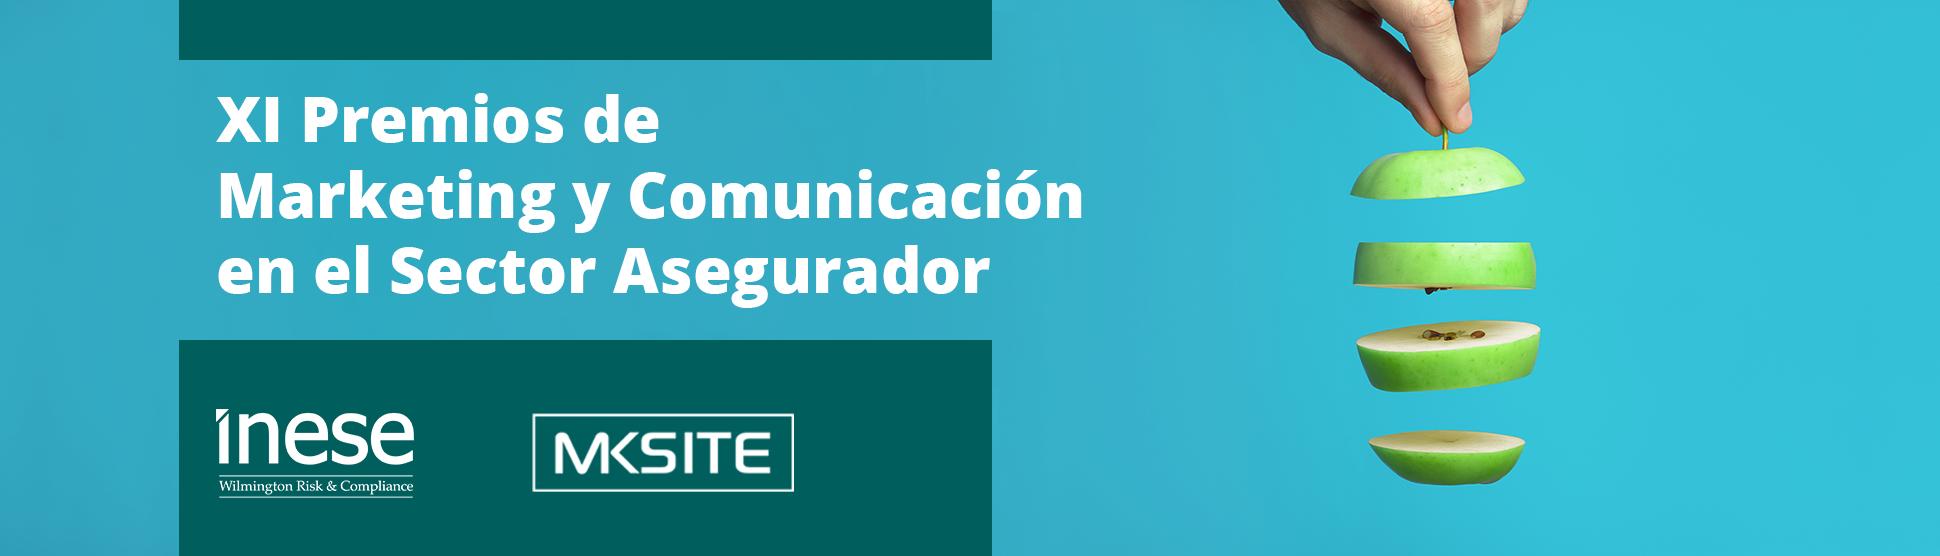 Premios de Marketing y Comunicación en el Sector Asegurador